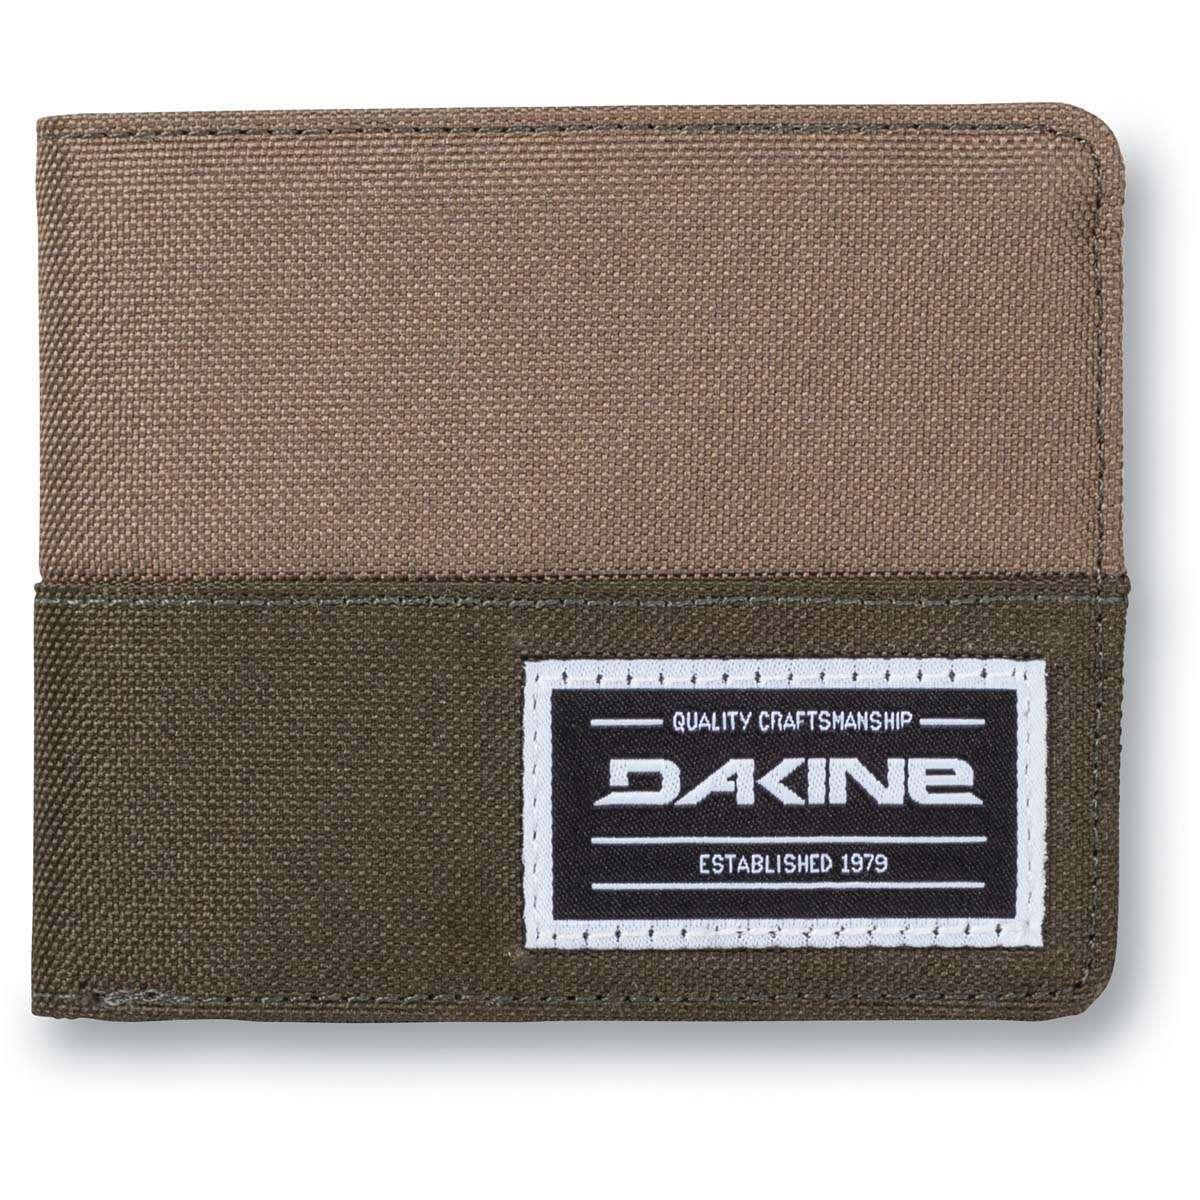 1a6e9377e264e Dakine Payback Wallet Wallet Field Camo